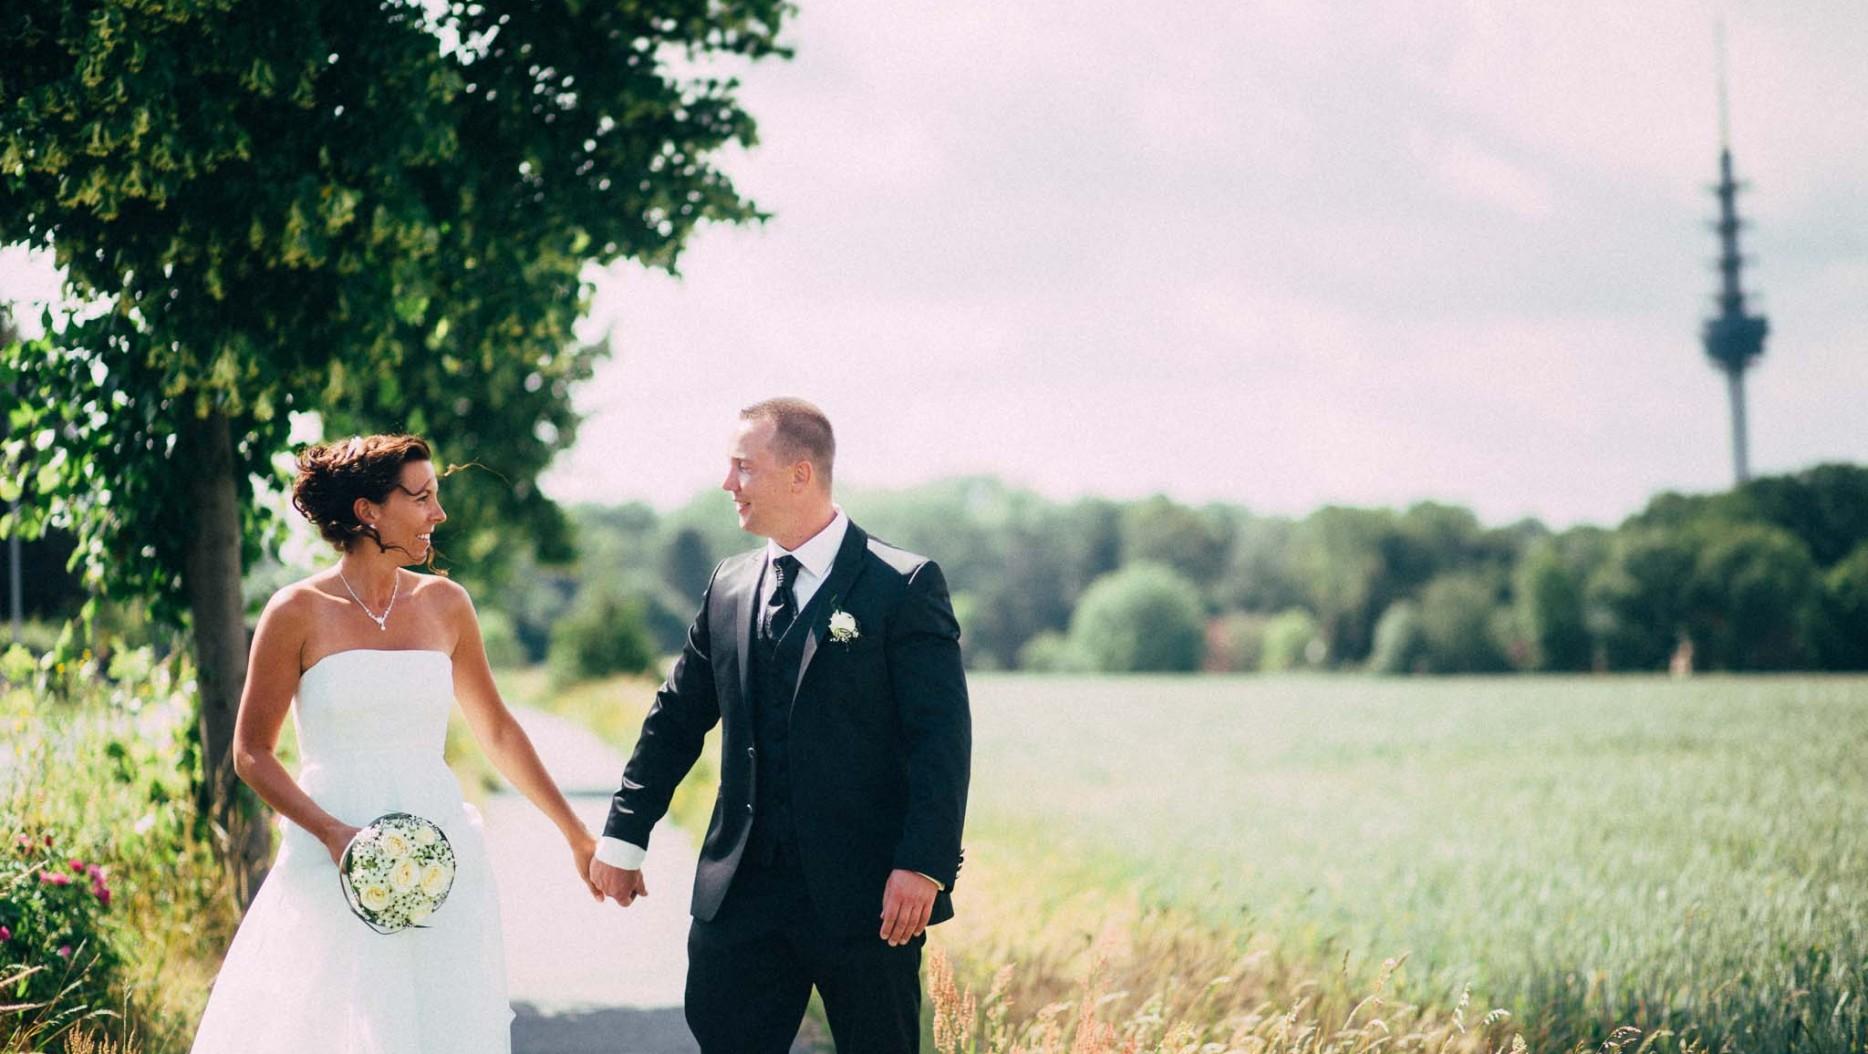 Hutmann Hochzeiten